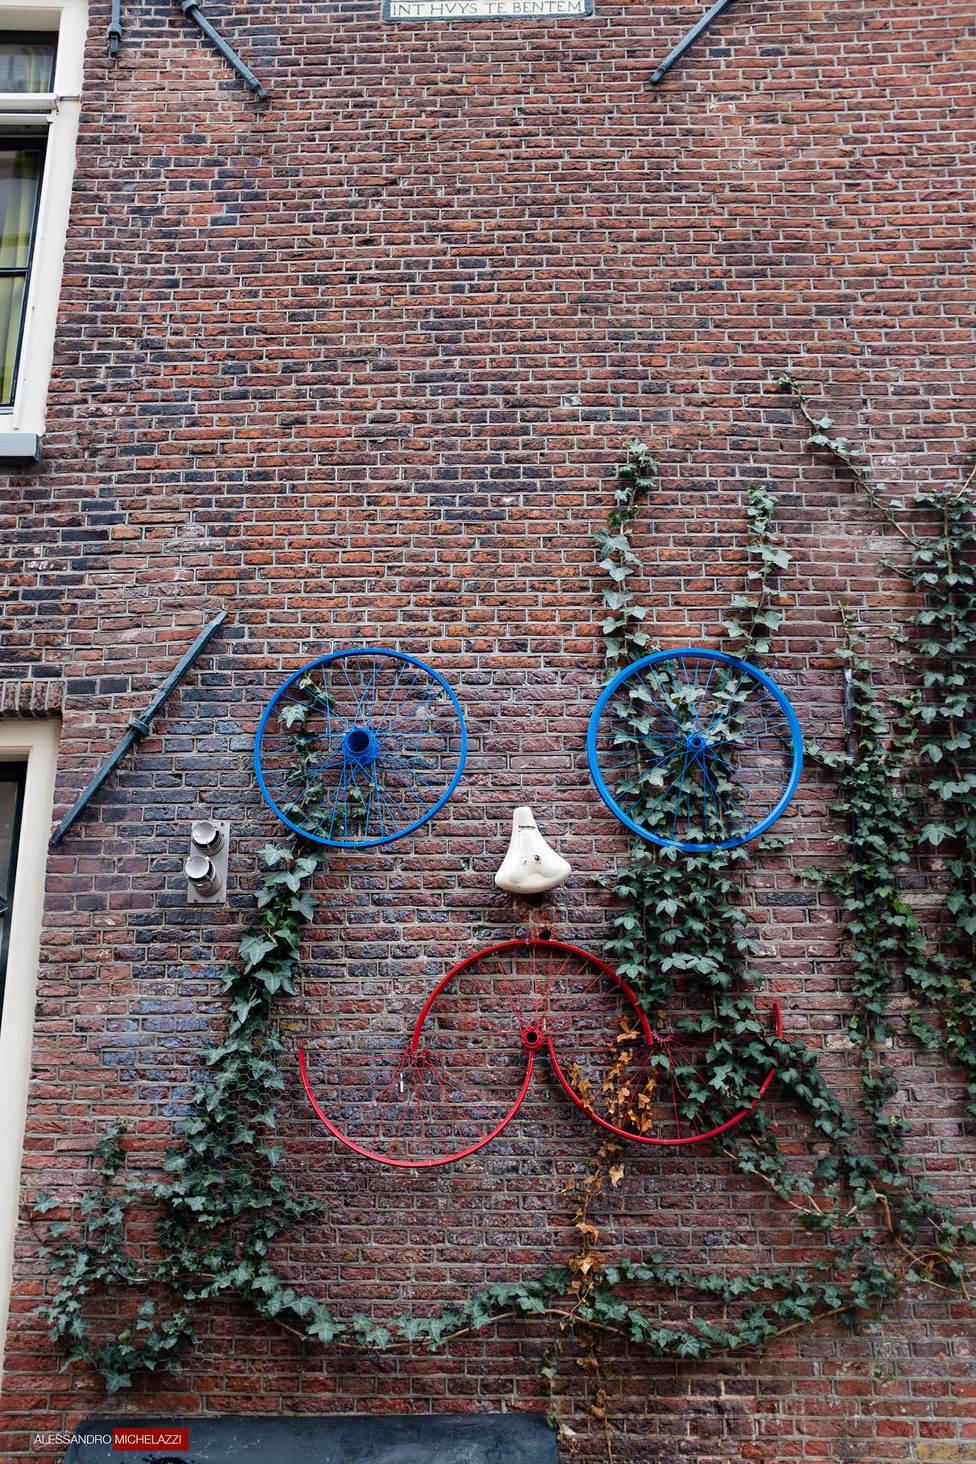 Amsterdam-Alessandro-Michelazzi-10